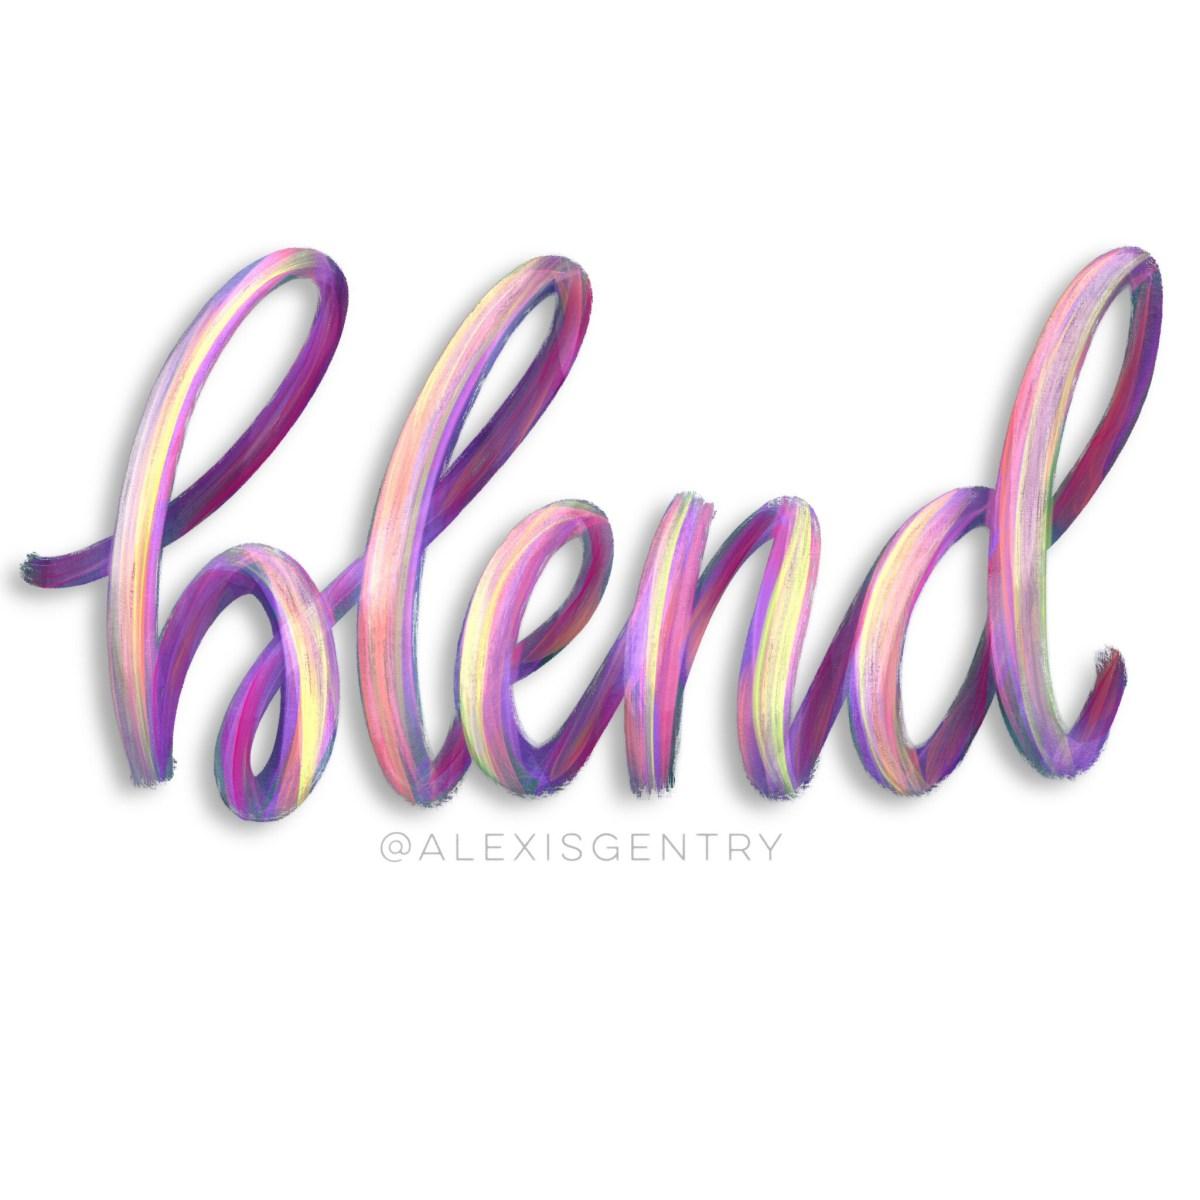 Blend - paint streak lettering in Procreate app